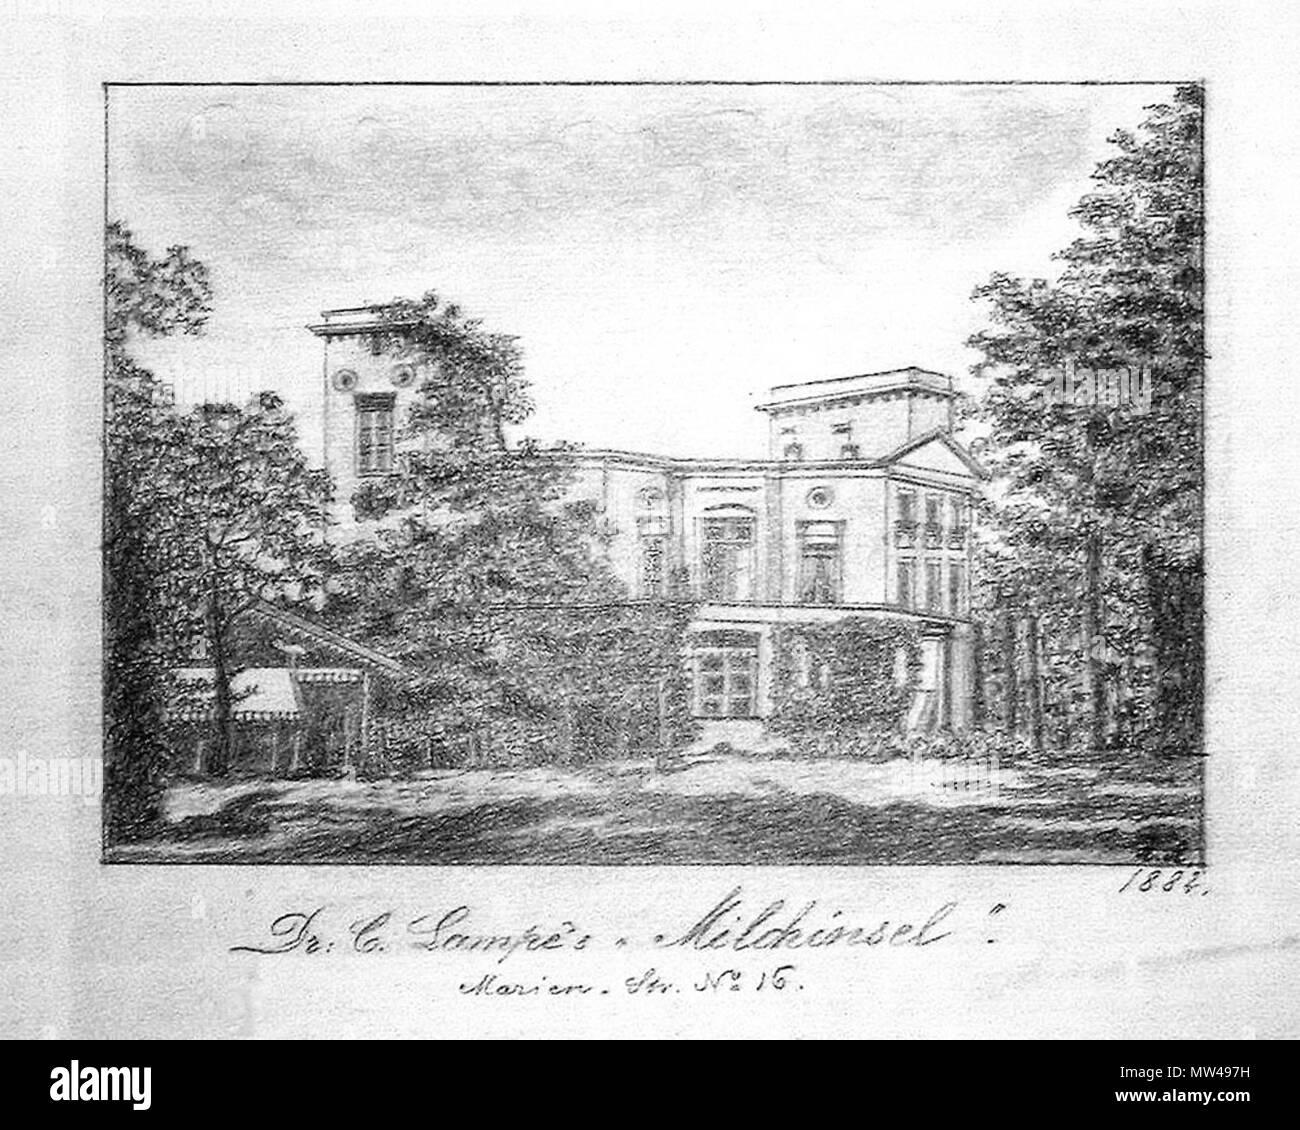 . English: Marienstraße 16 - Dr. Lampes Milchinsel (Bleistiftzeichnung). 1882. A. A. (Zeichner) 366 Leipzig Marienstraße 16. Stockbild